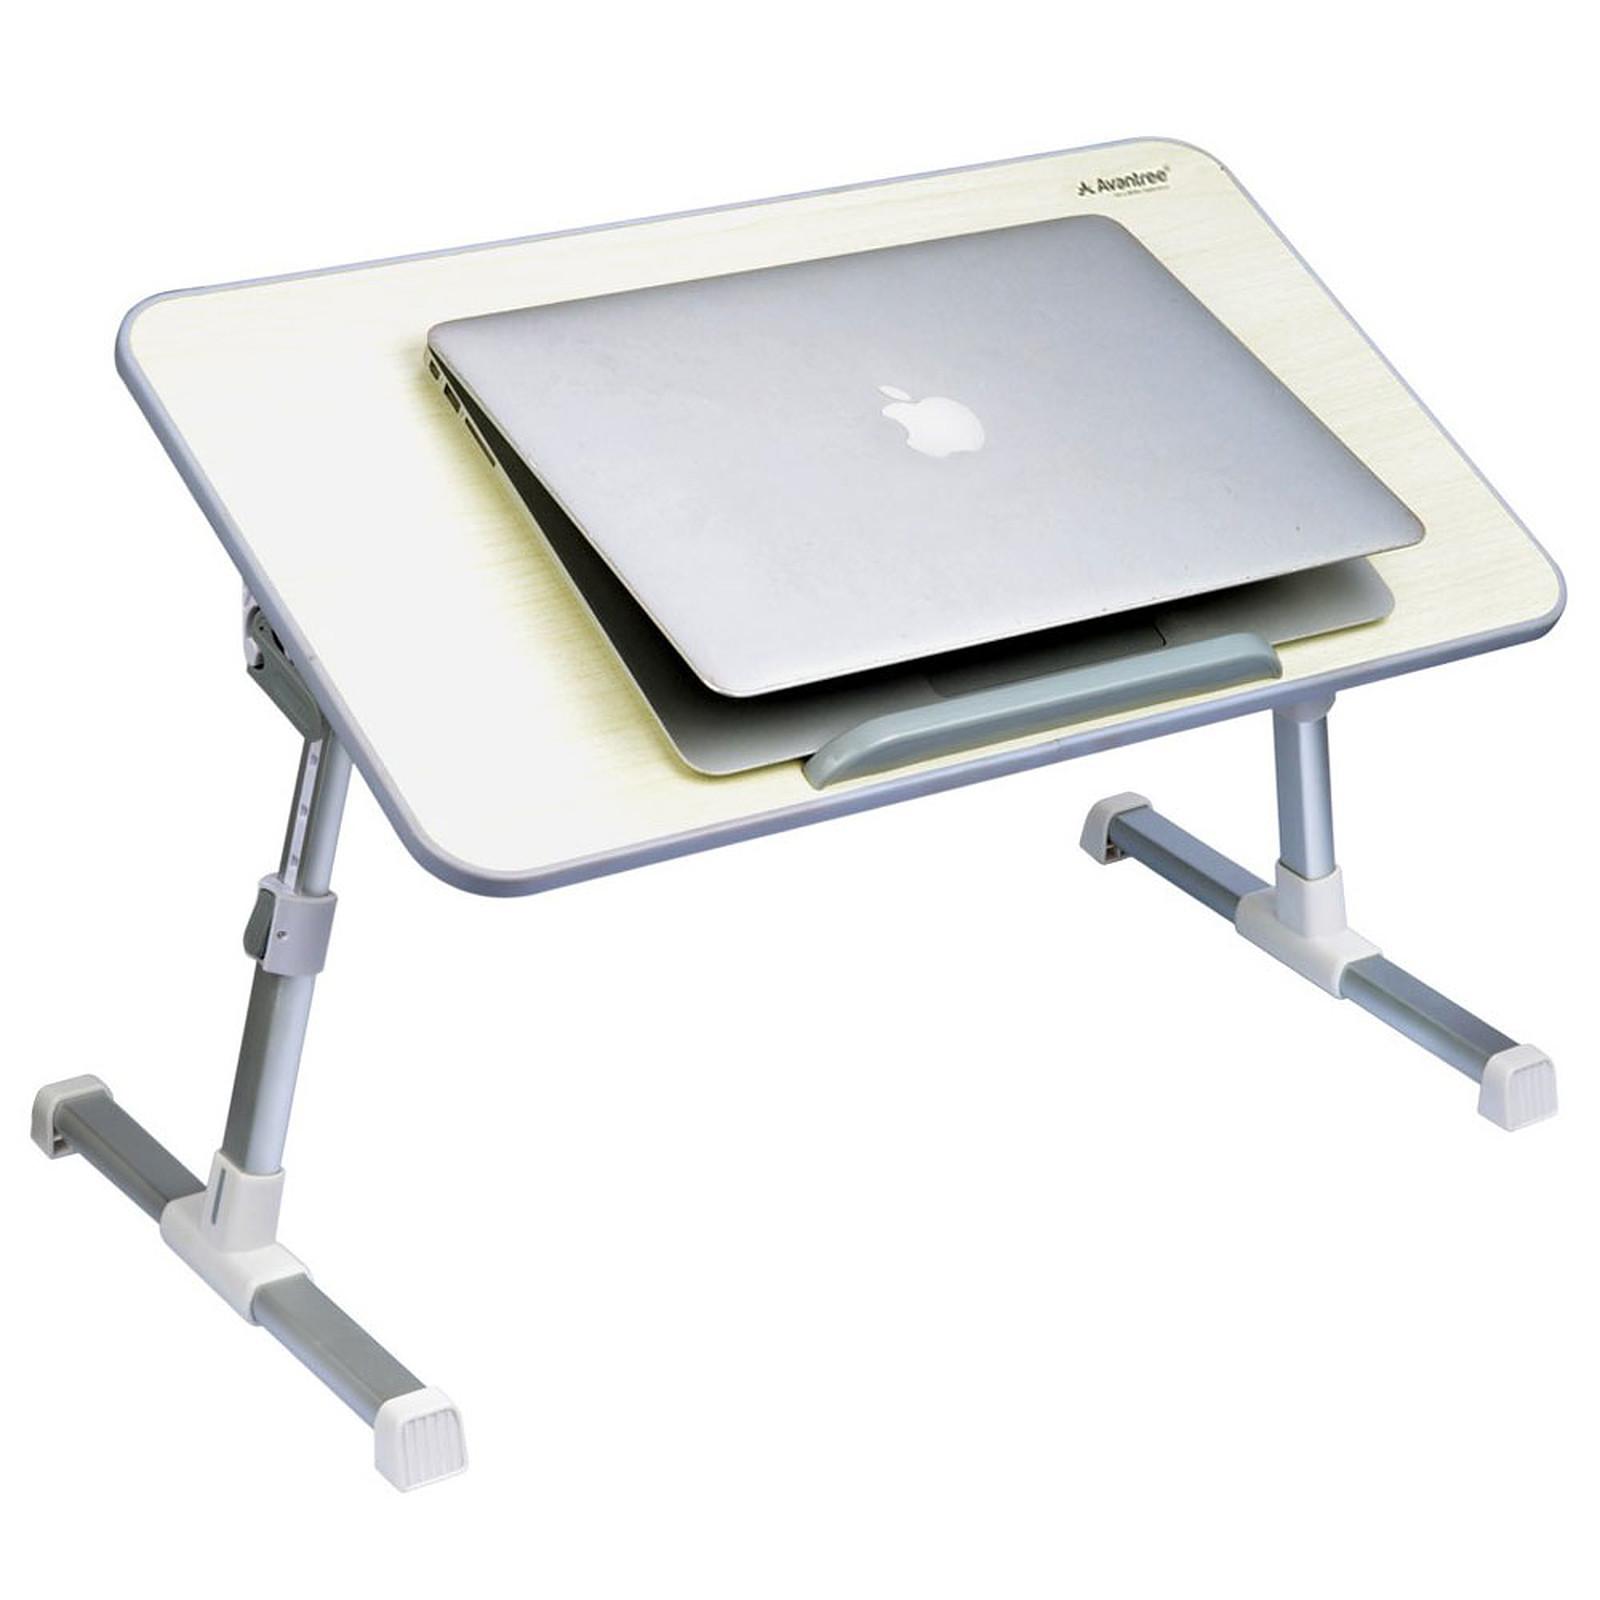 Avantree Mini Table Accessoires Pc Portable Avantree Sur Ldlc